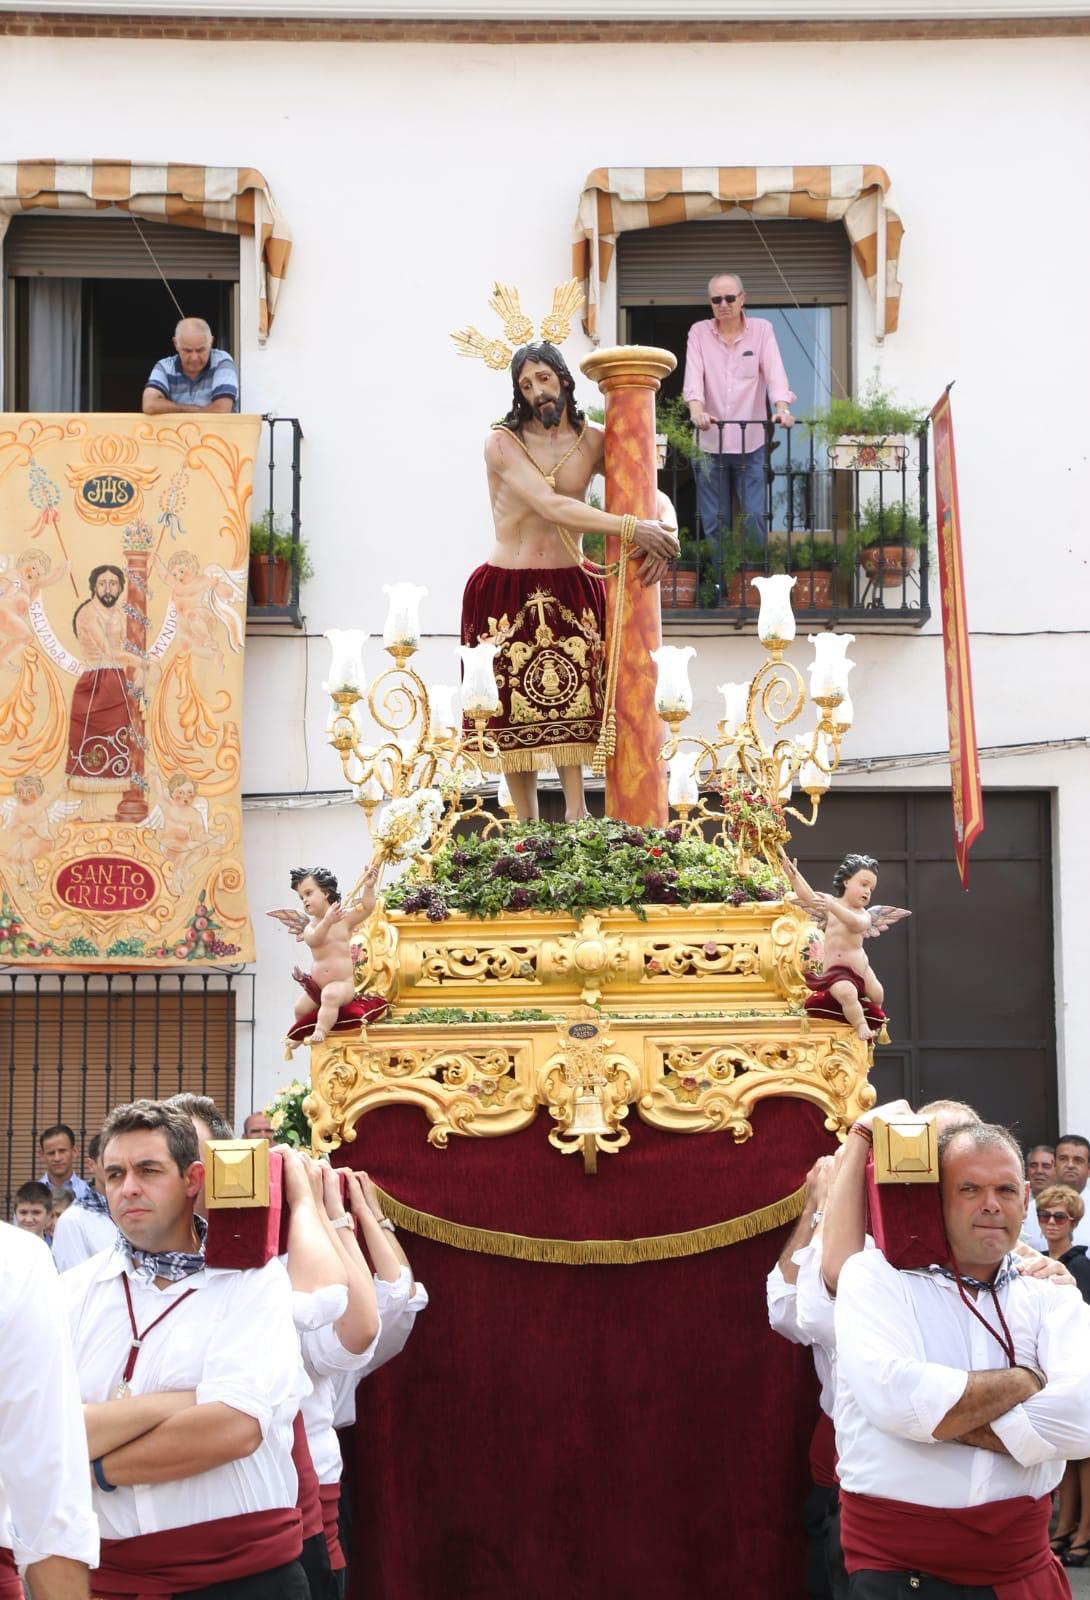 LAS FIESTAS PATRONALES DE BOLAÑOS HAN VIVIDO SU DÍA GRANDE CON LA PROCESIÓN DE LA ALABARDAS